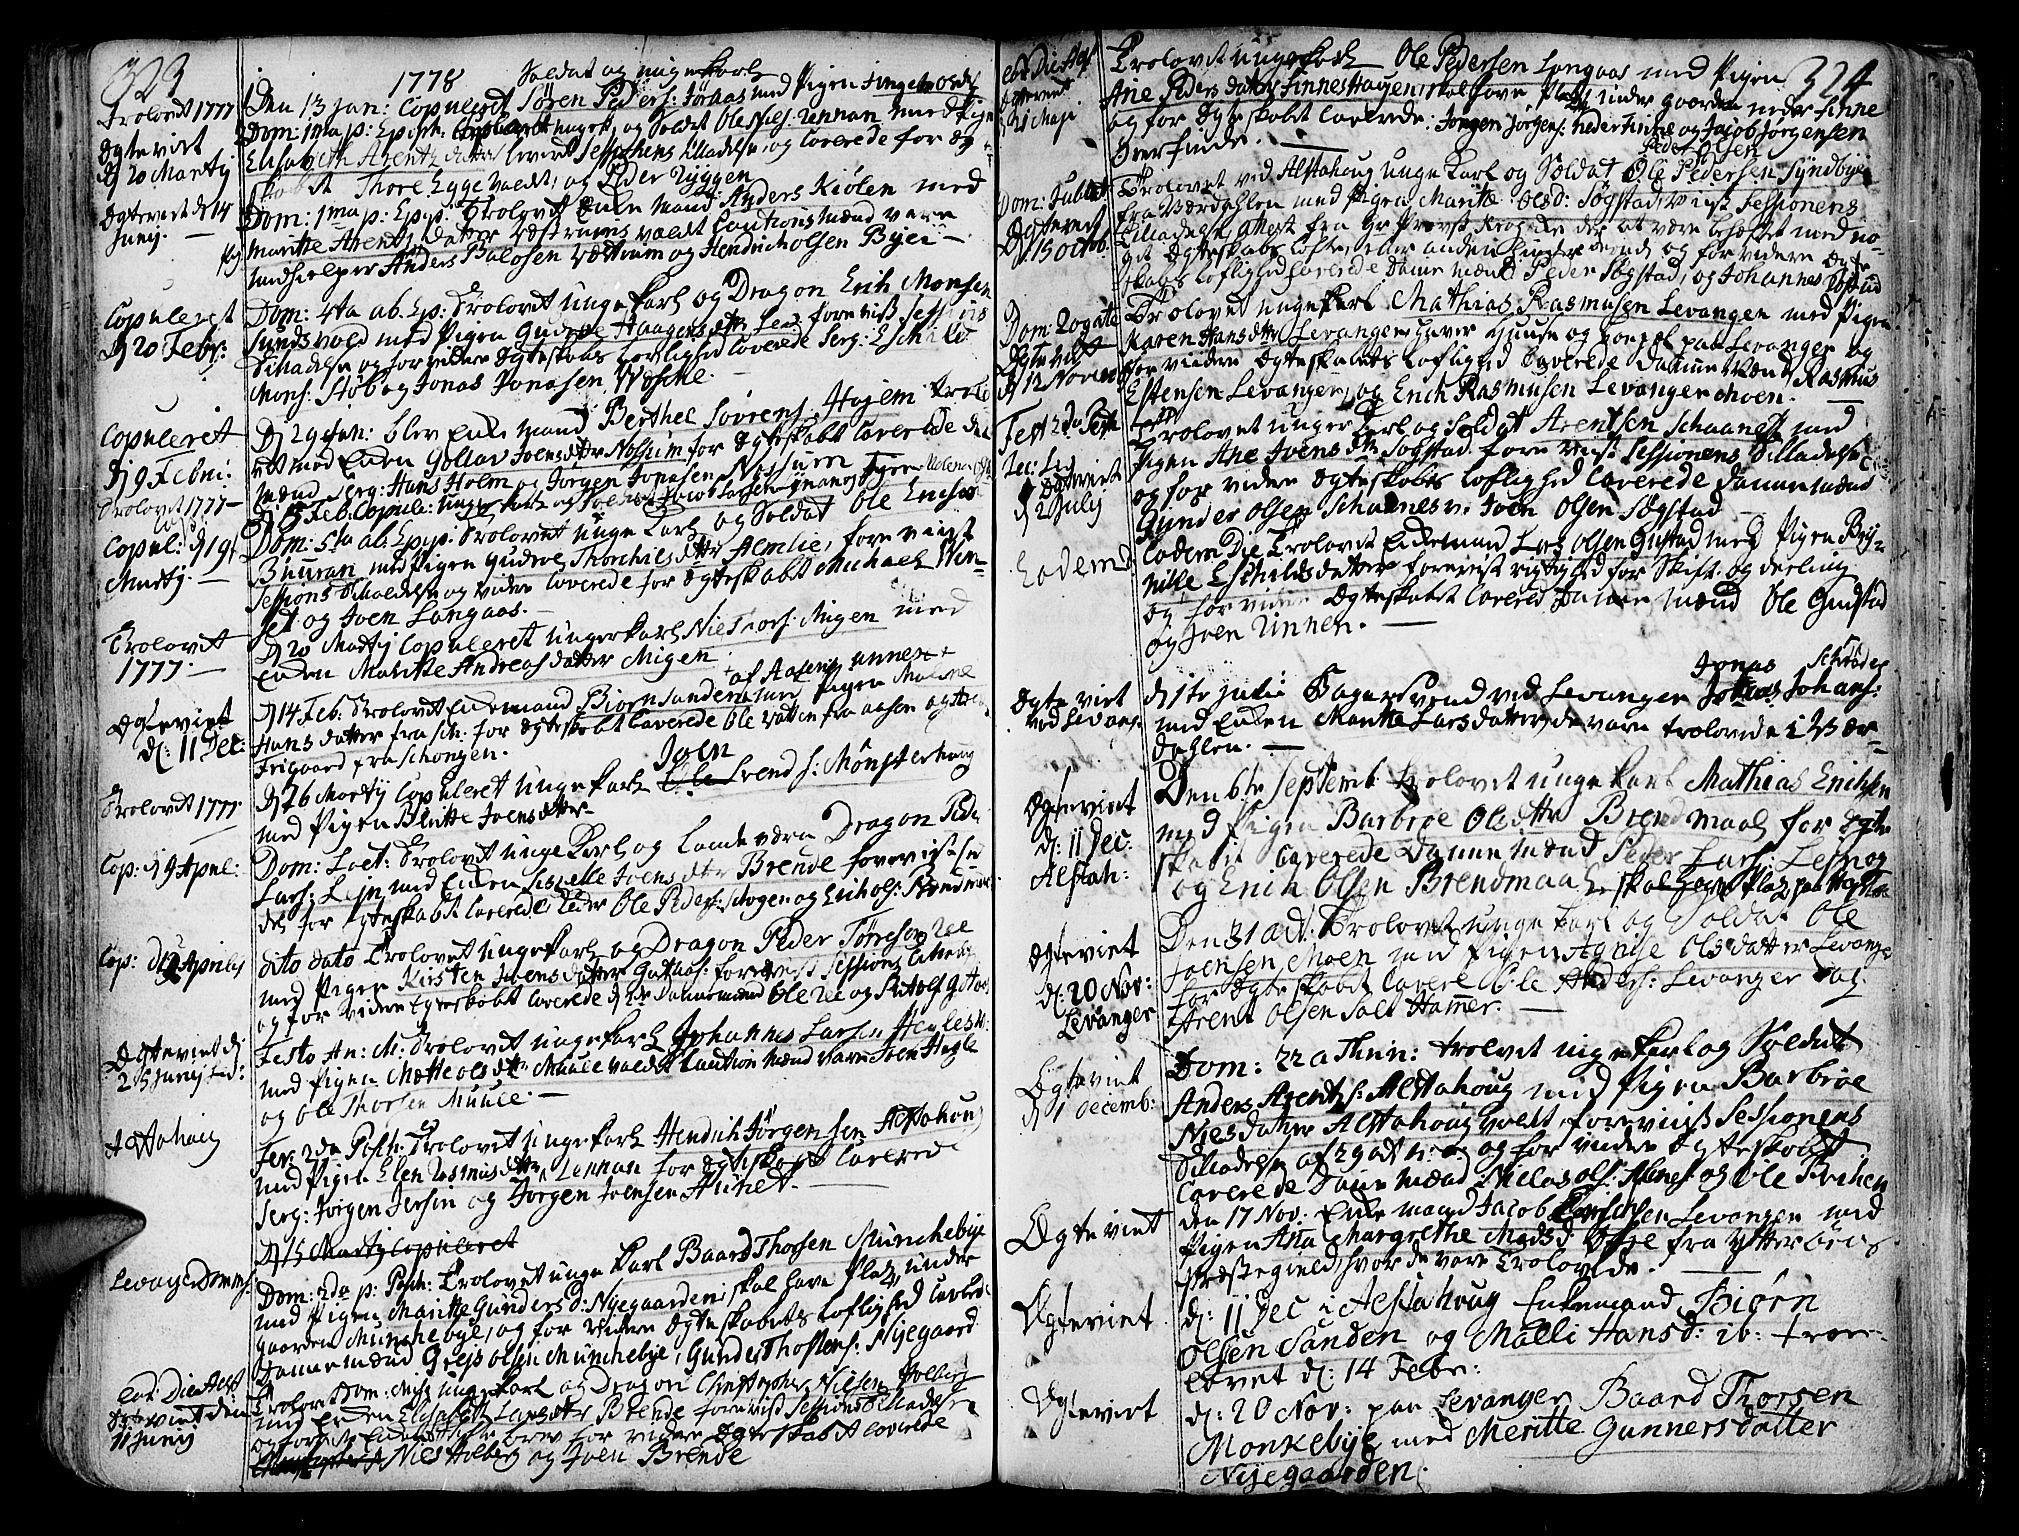 SAT, Ministerialprotokoller, klokkerbøker og fødselsregistre - Nord-Trøndelag, 717/L0141: Ministerialbok nr. 717A01, 1747-1803, s. 323-324